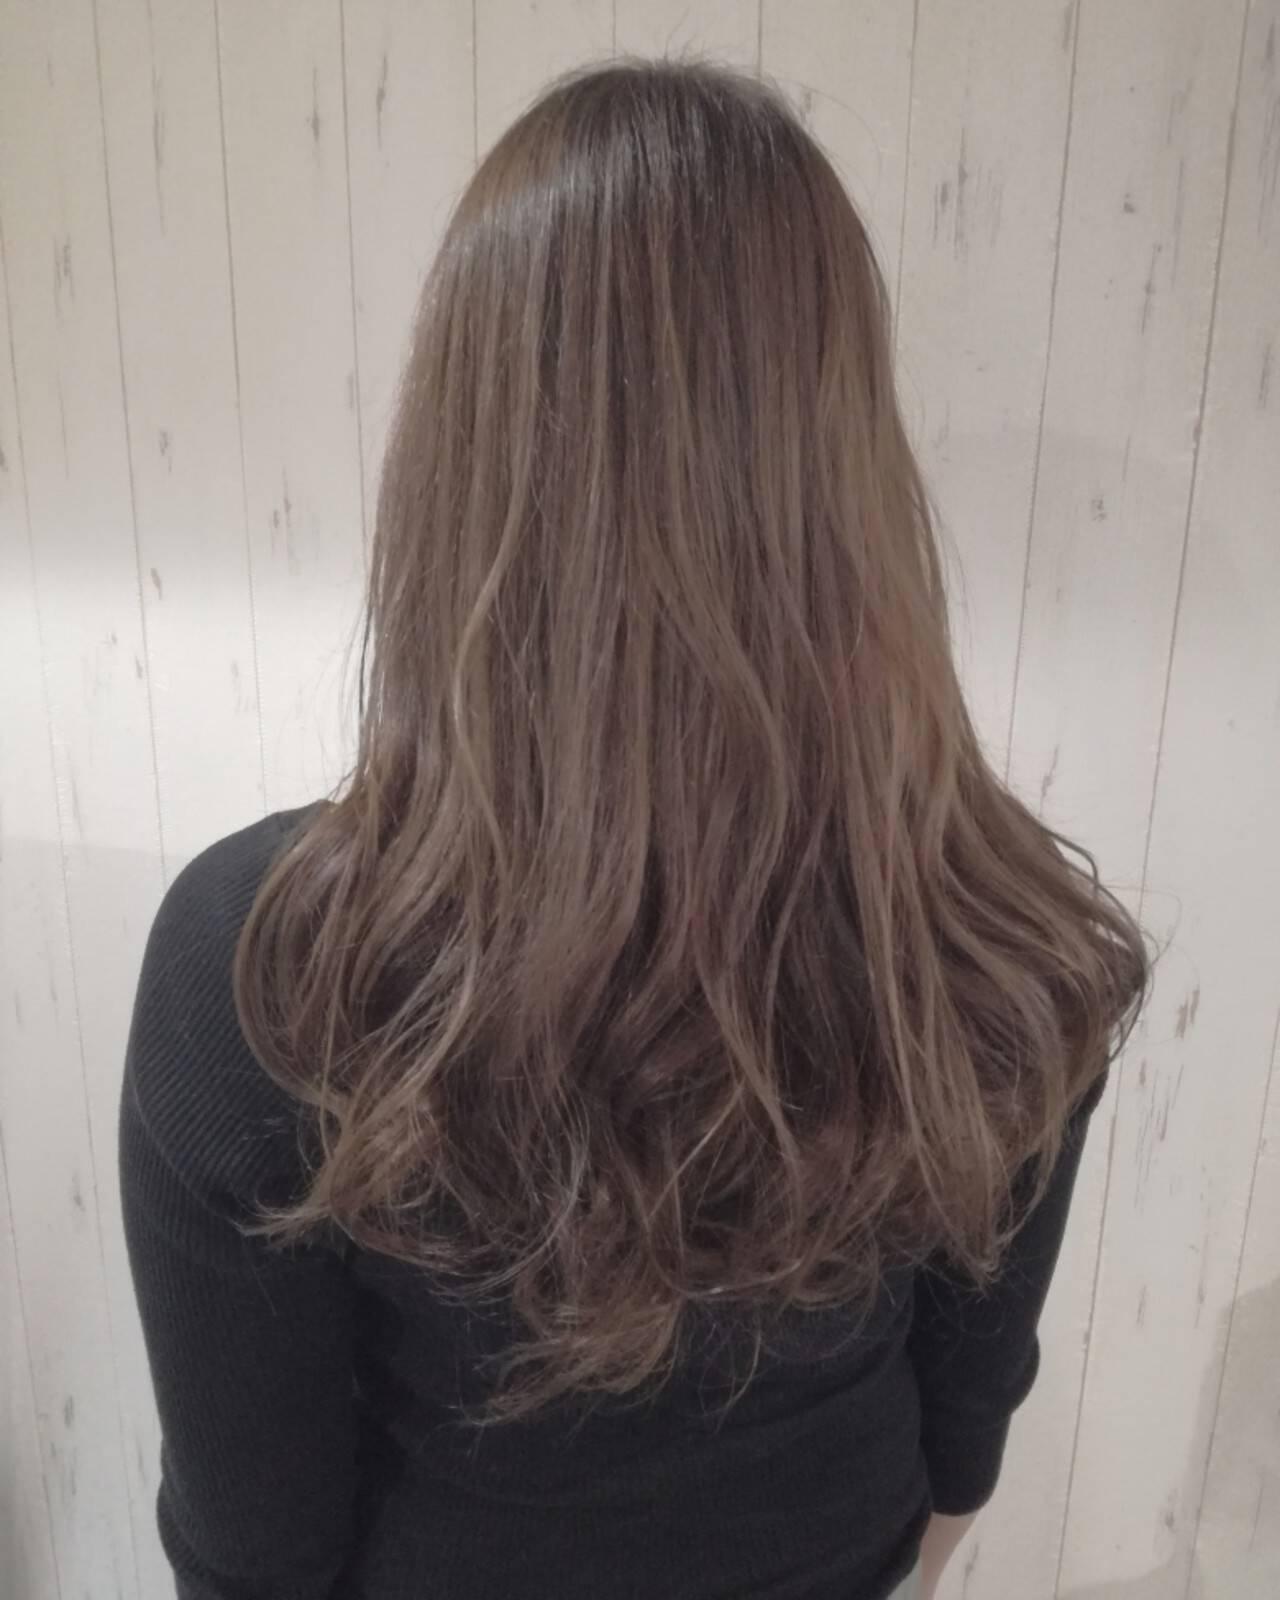 ロング 透明感 フェミニン ベージュヘアスタイルや髪型の写真・画像